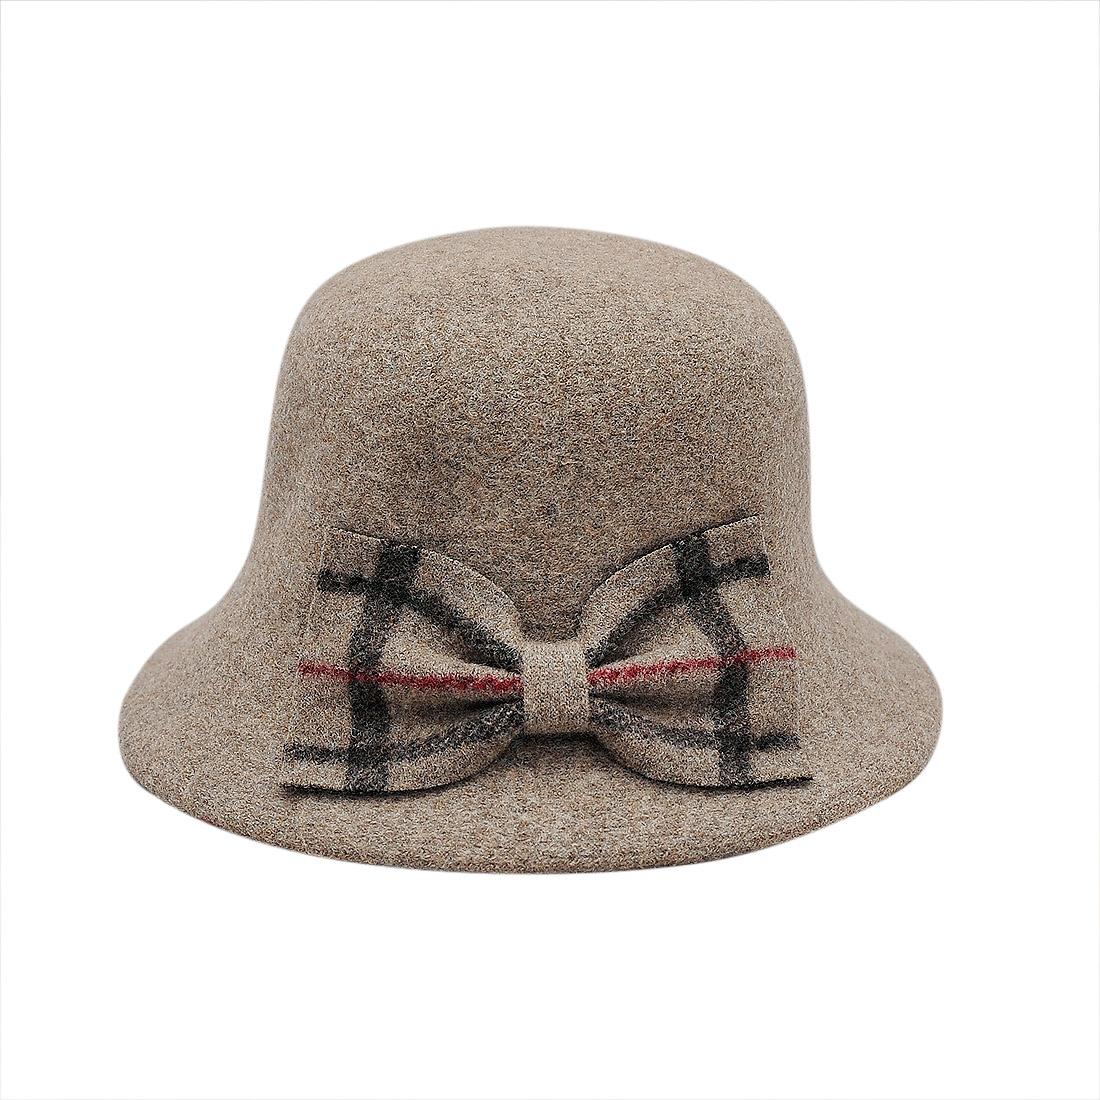 Mũ nữ vành dạ thời trang cao cấp màu xám EH38-4